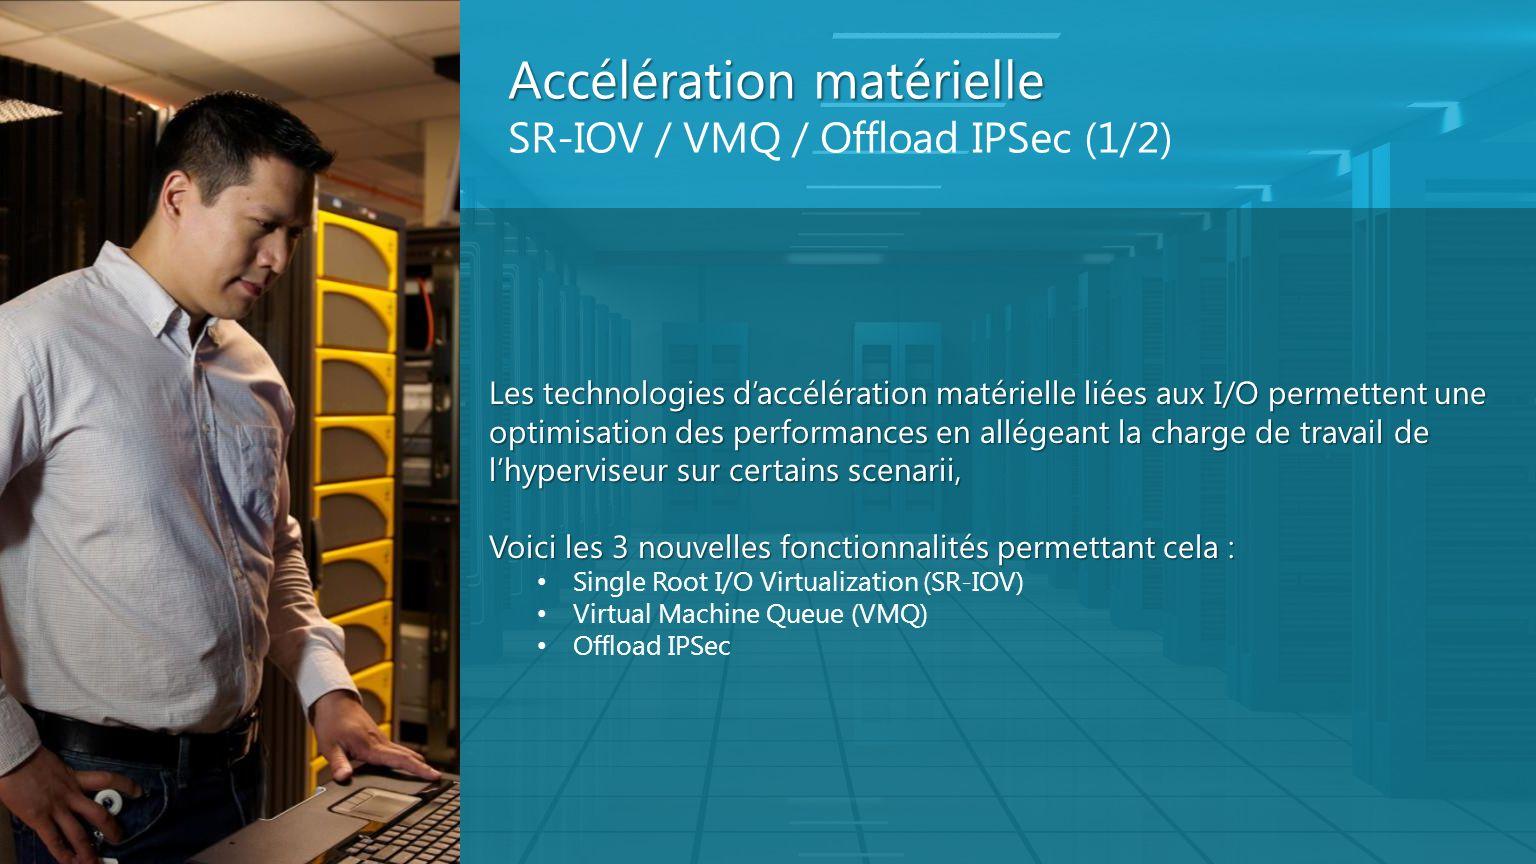 Accélération matérielle Accélération matérielle SR-IOV / VMQ / Offload IPSec (1/2) Les technologies daccélération matérielle liées aux I/O permettent